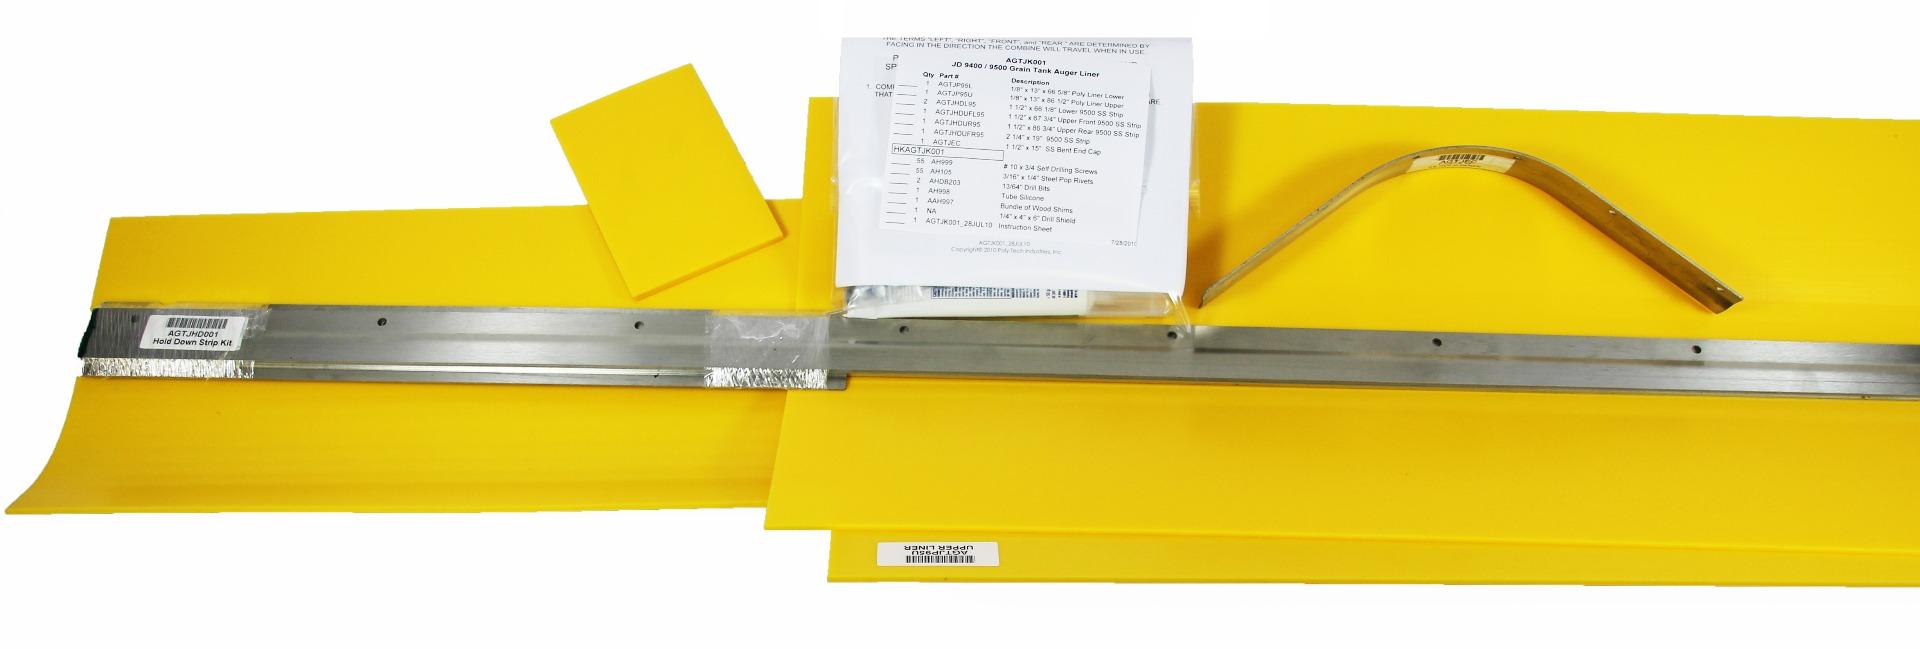 John Deere Grain Tank Auger Liner Kit for 9400/9500/9510